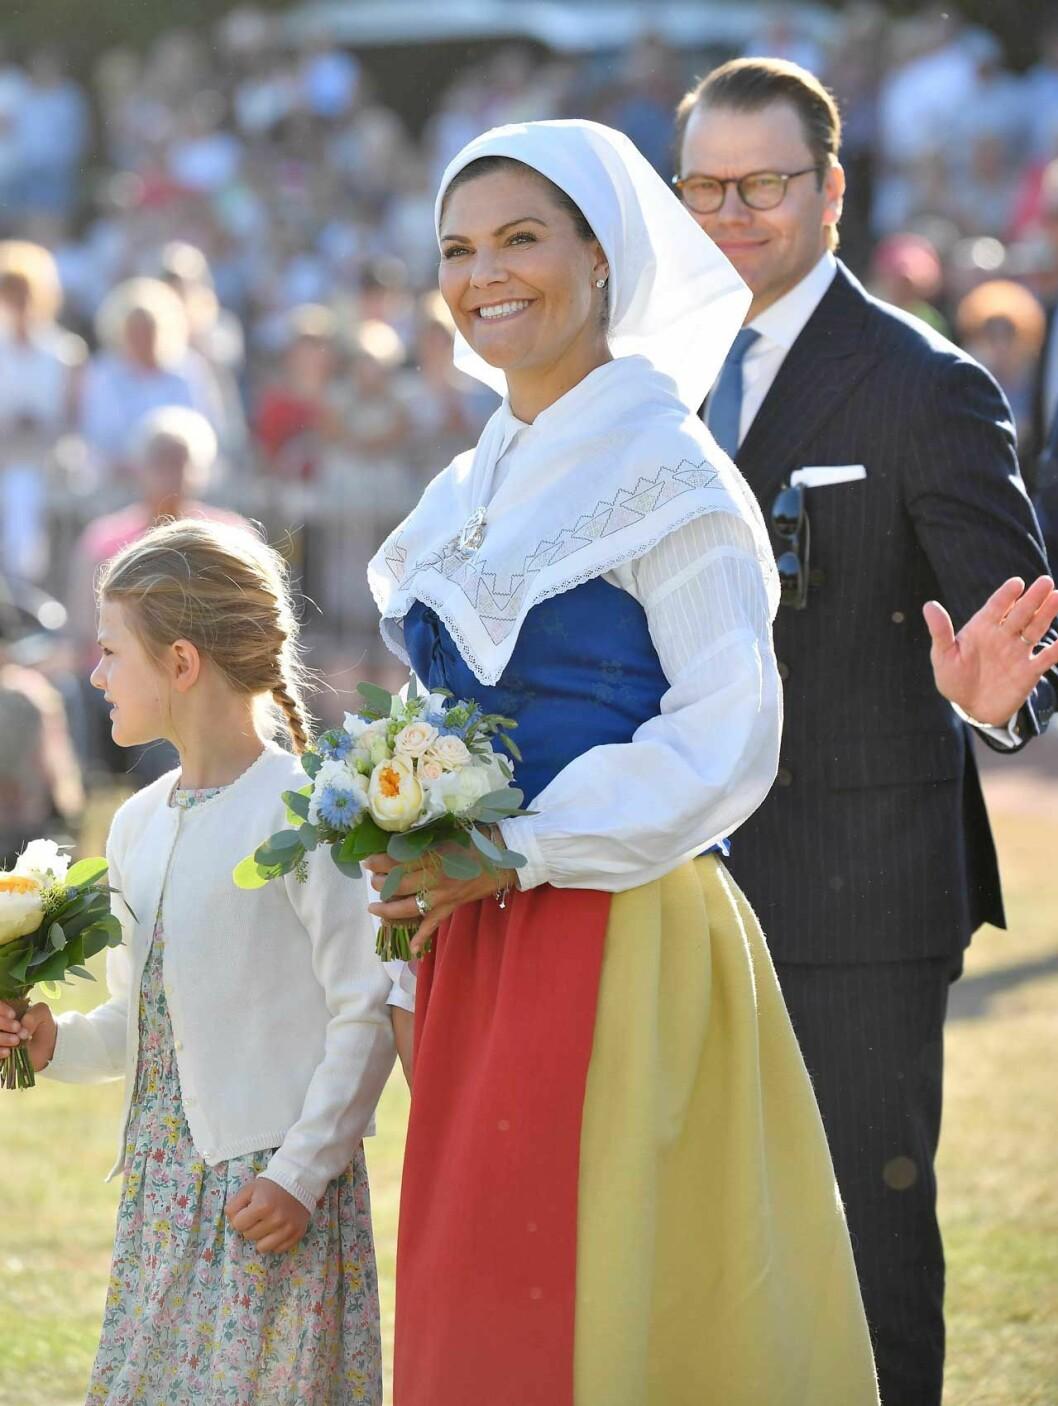 Kronprinsessan Victoria i sin Ölandsdräkt från Räpplinge socken. Räpplingedräkten.